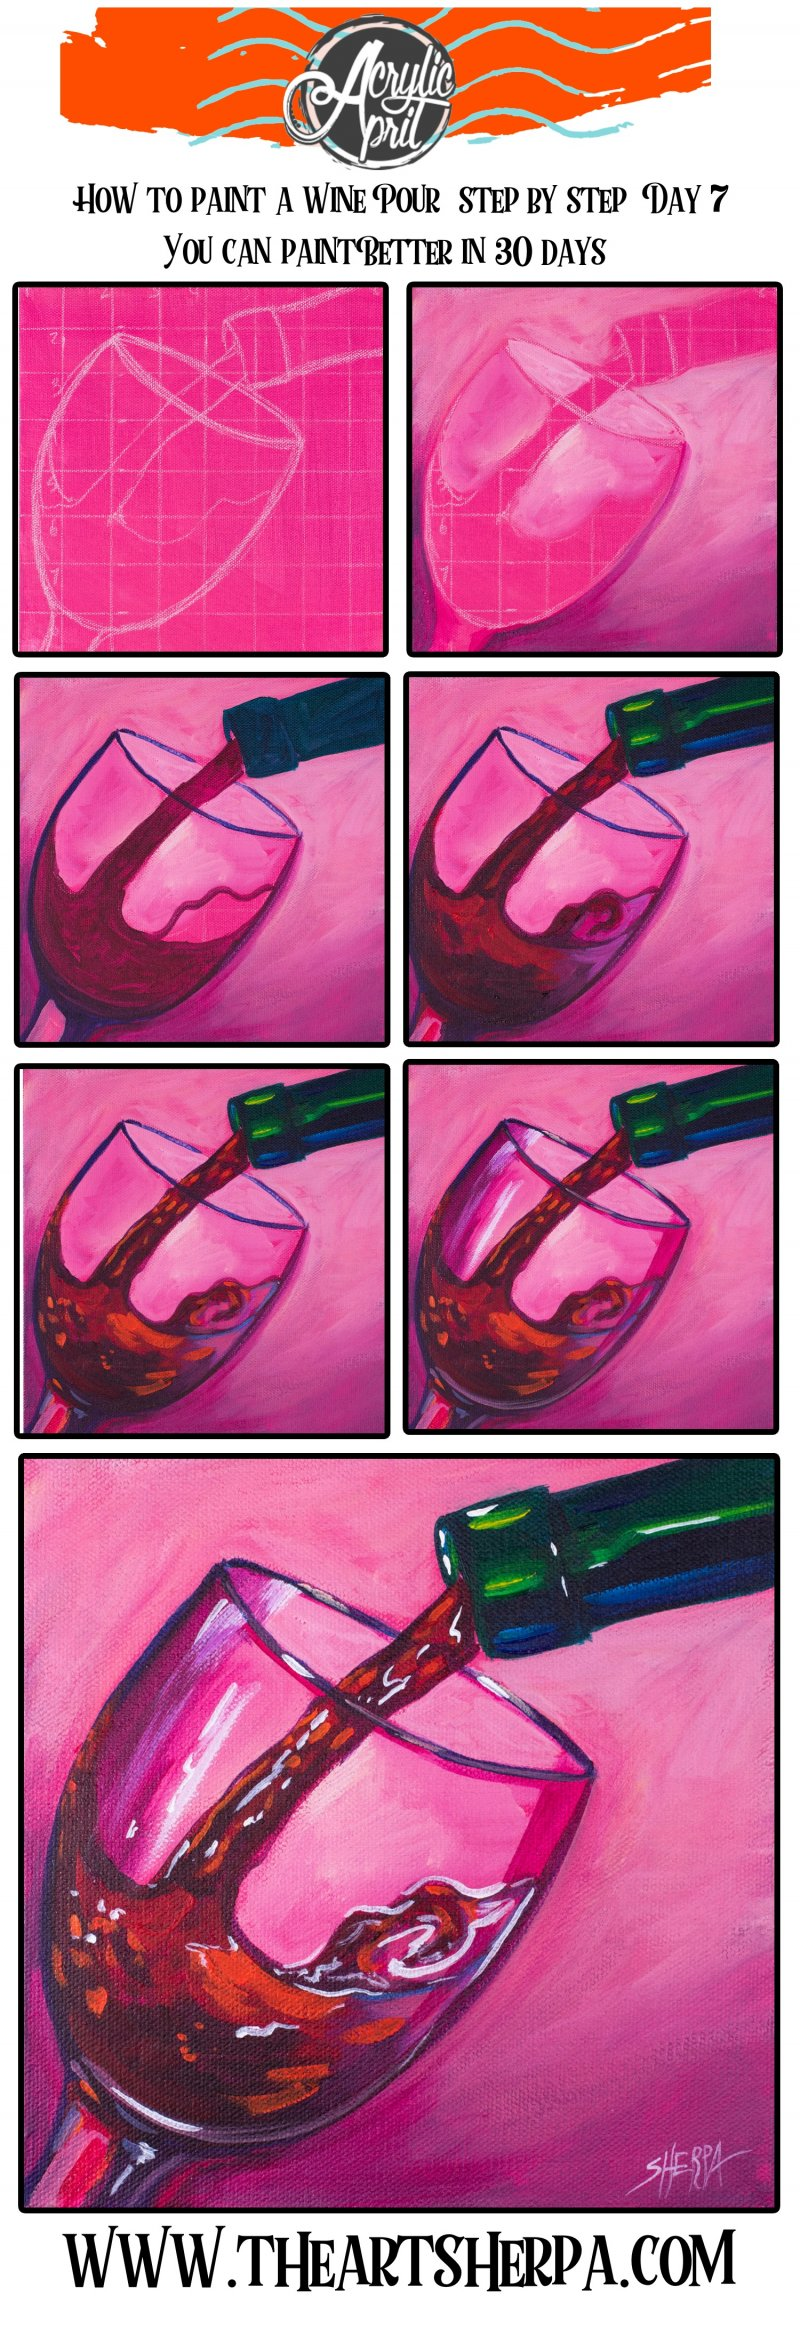 Acrylic April 2020 Step by Step  copy 7.jpg